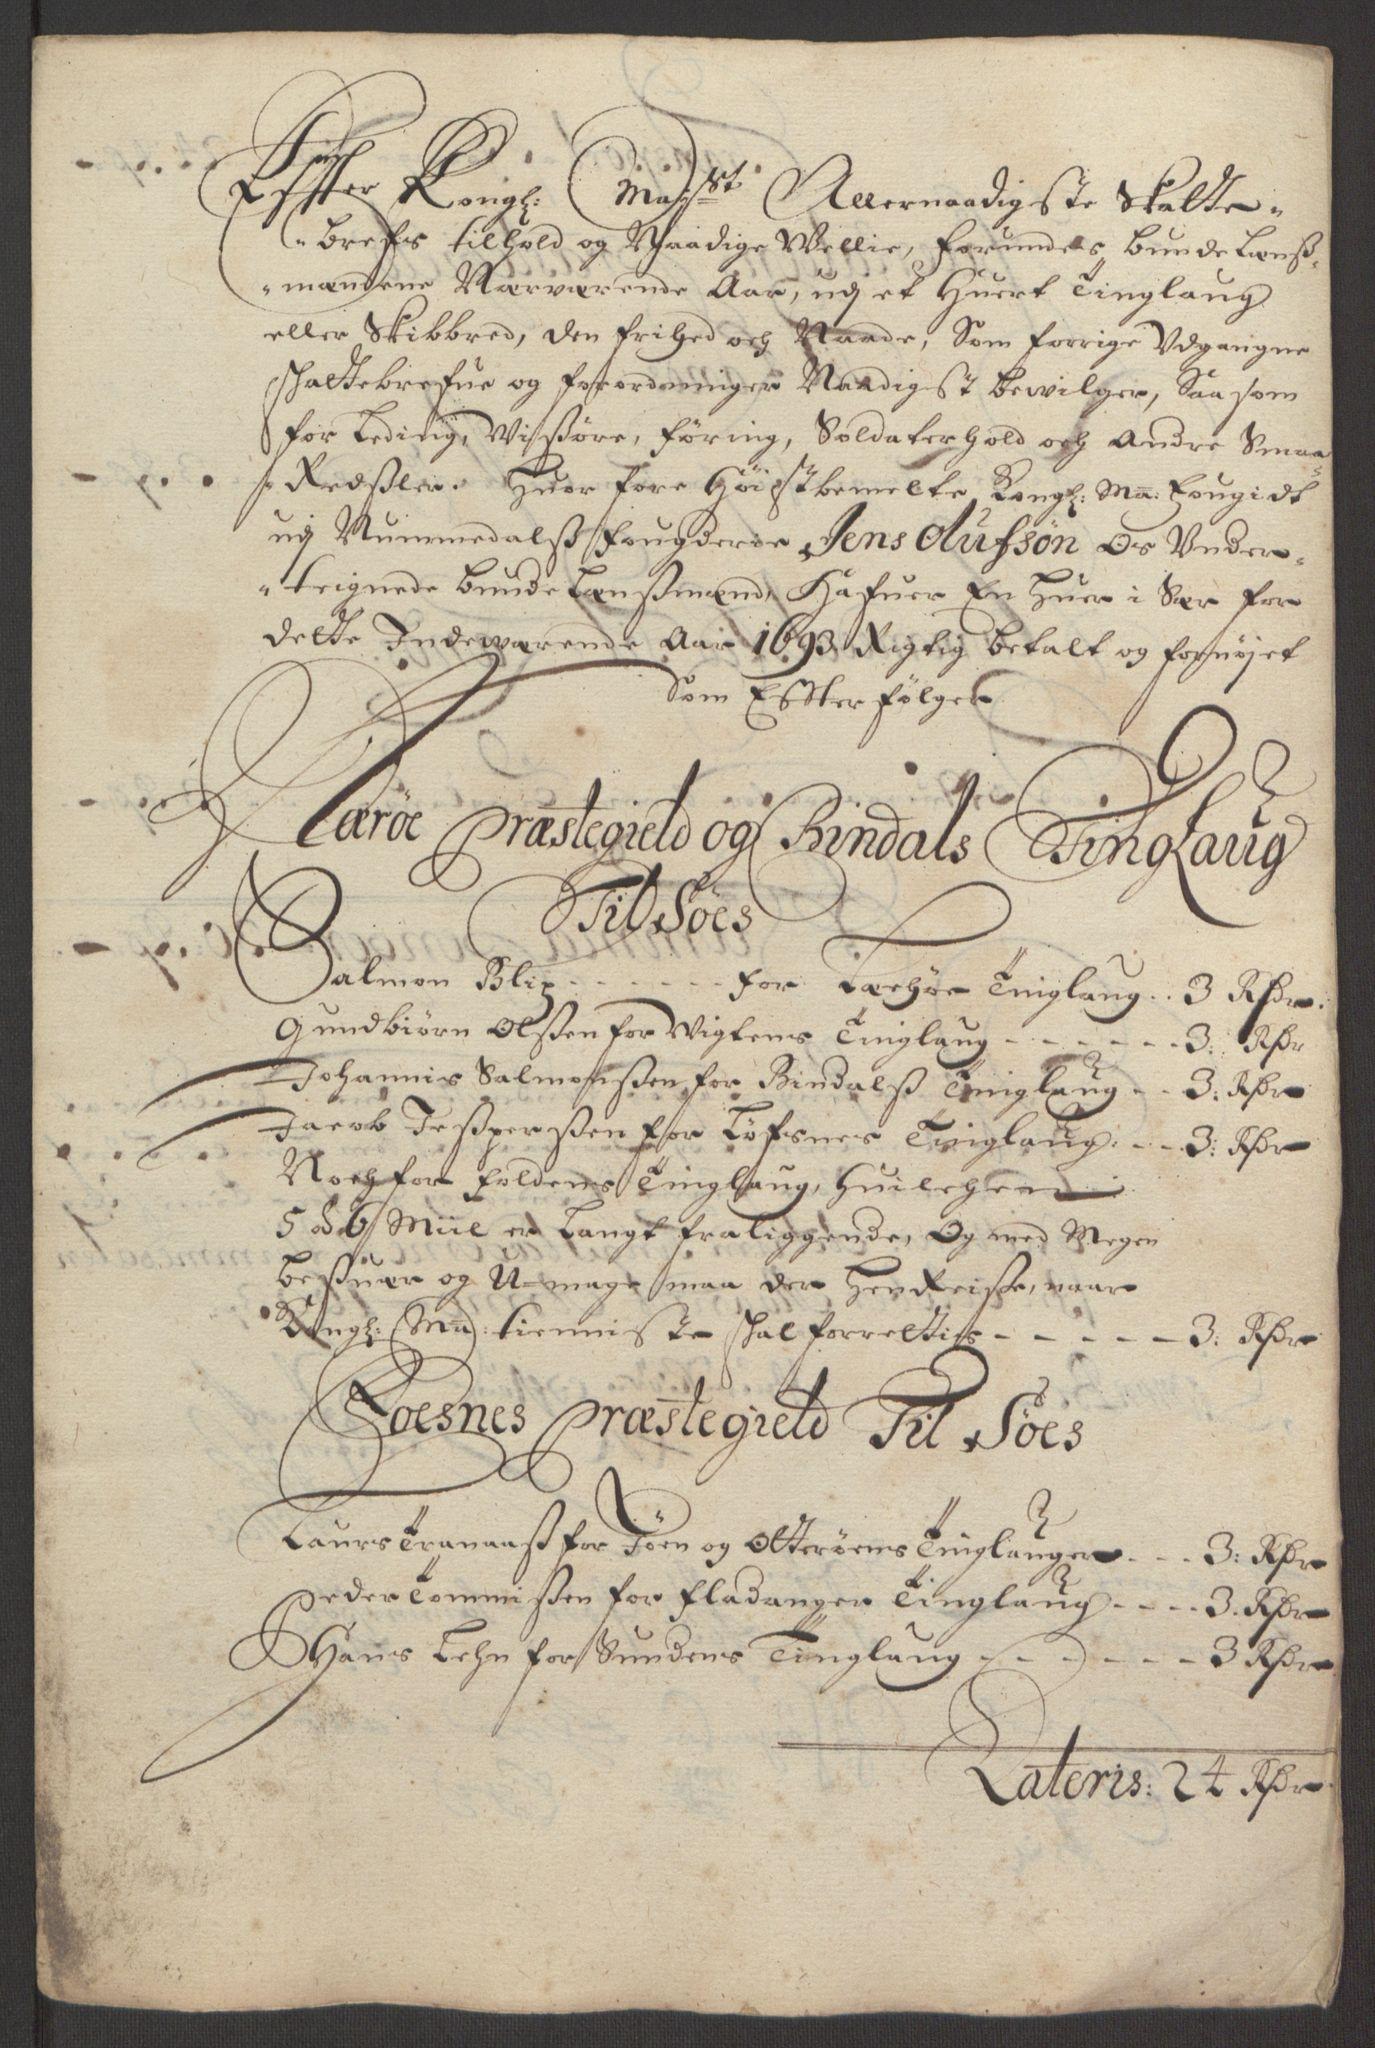 RA, Rentekammeret inntil 1814, Reviderte regnskaper, Fogderegnskap, R64/L4424: Fogderegnskap Namdal, 1692-1695, s. 311